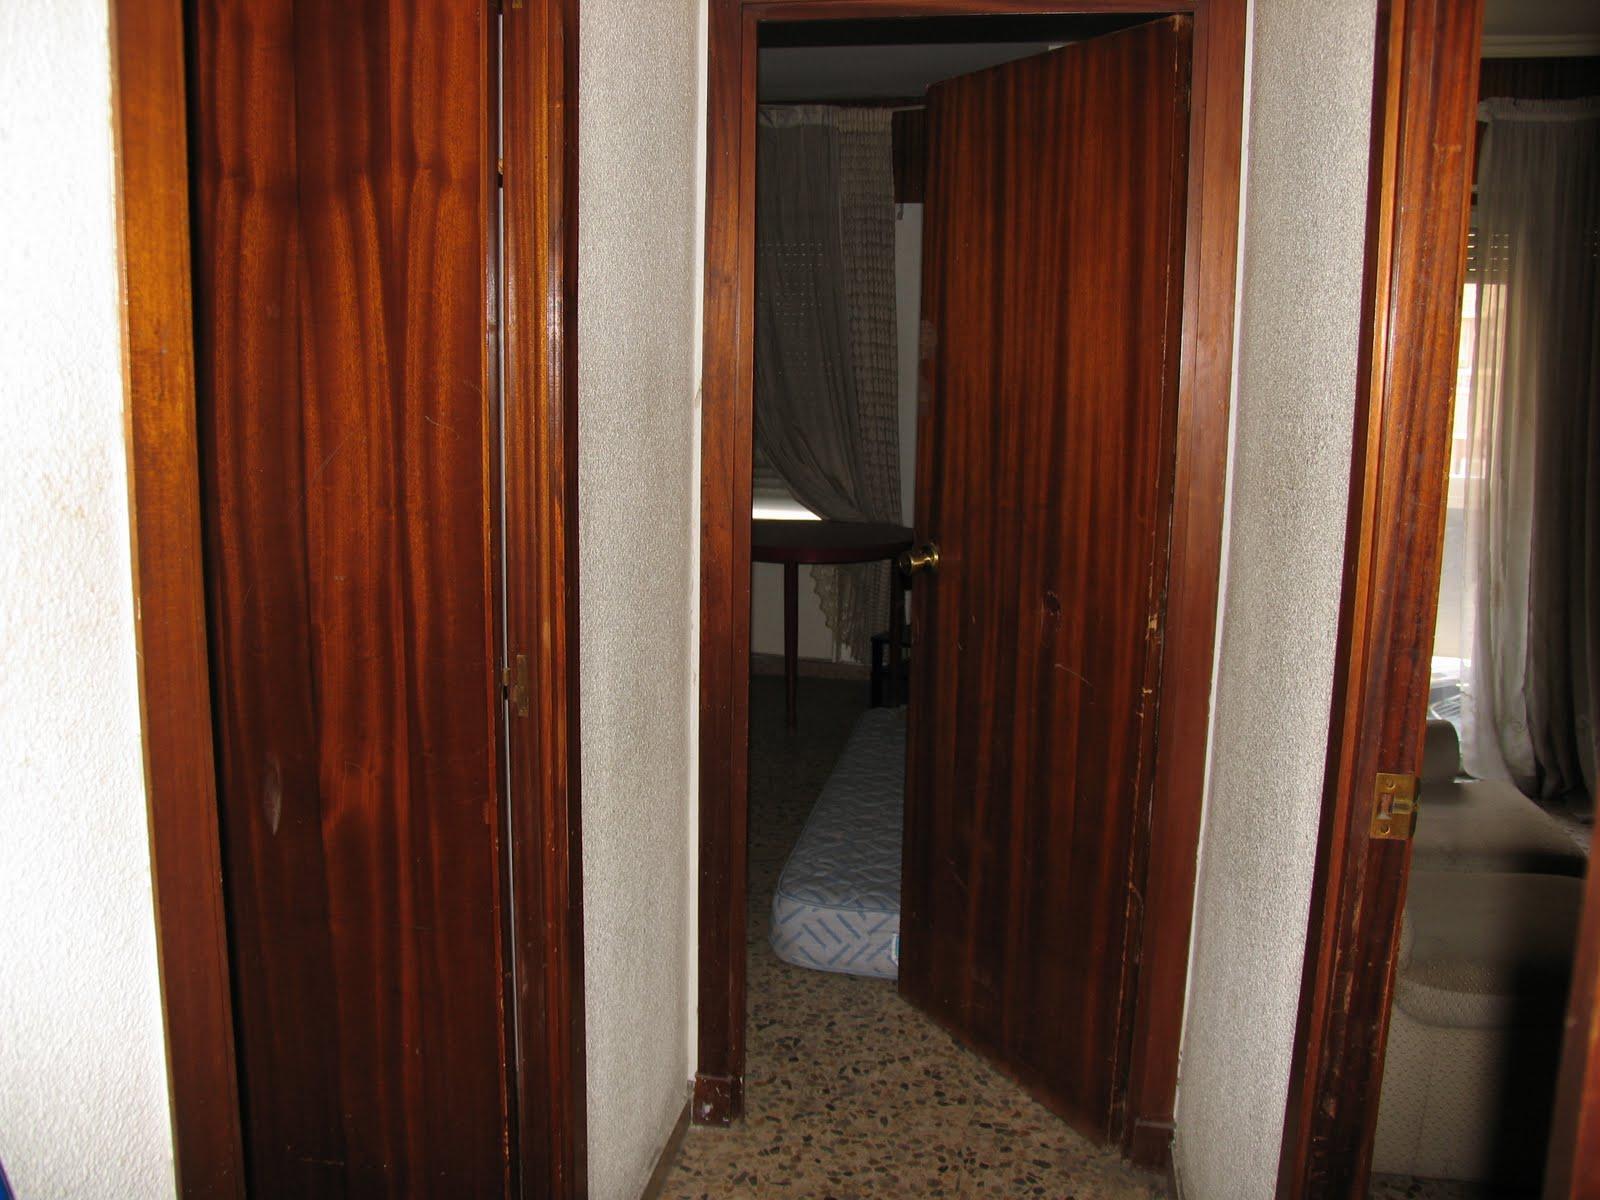 Esp ritu chamarilero lacar puertas en blanco y cambiar for Pintar puertas de blanco en casa